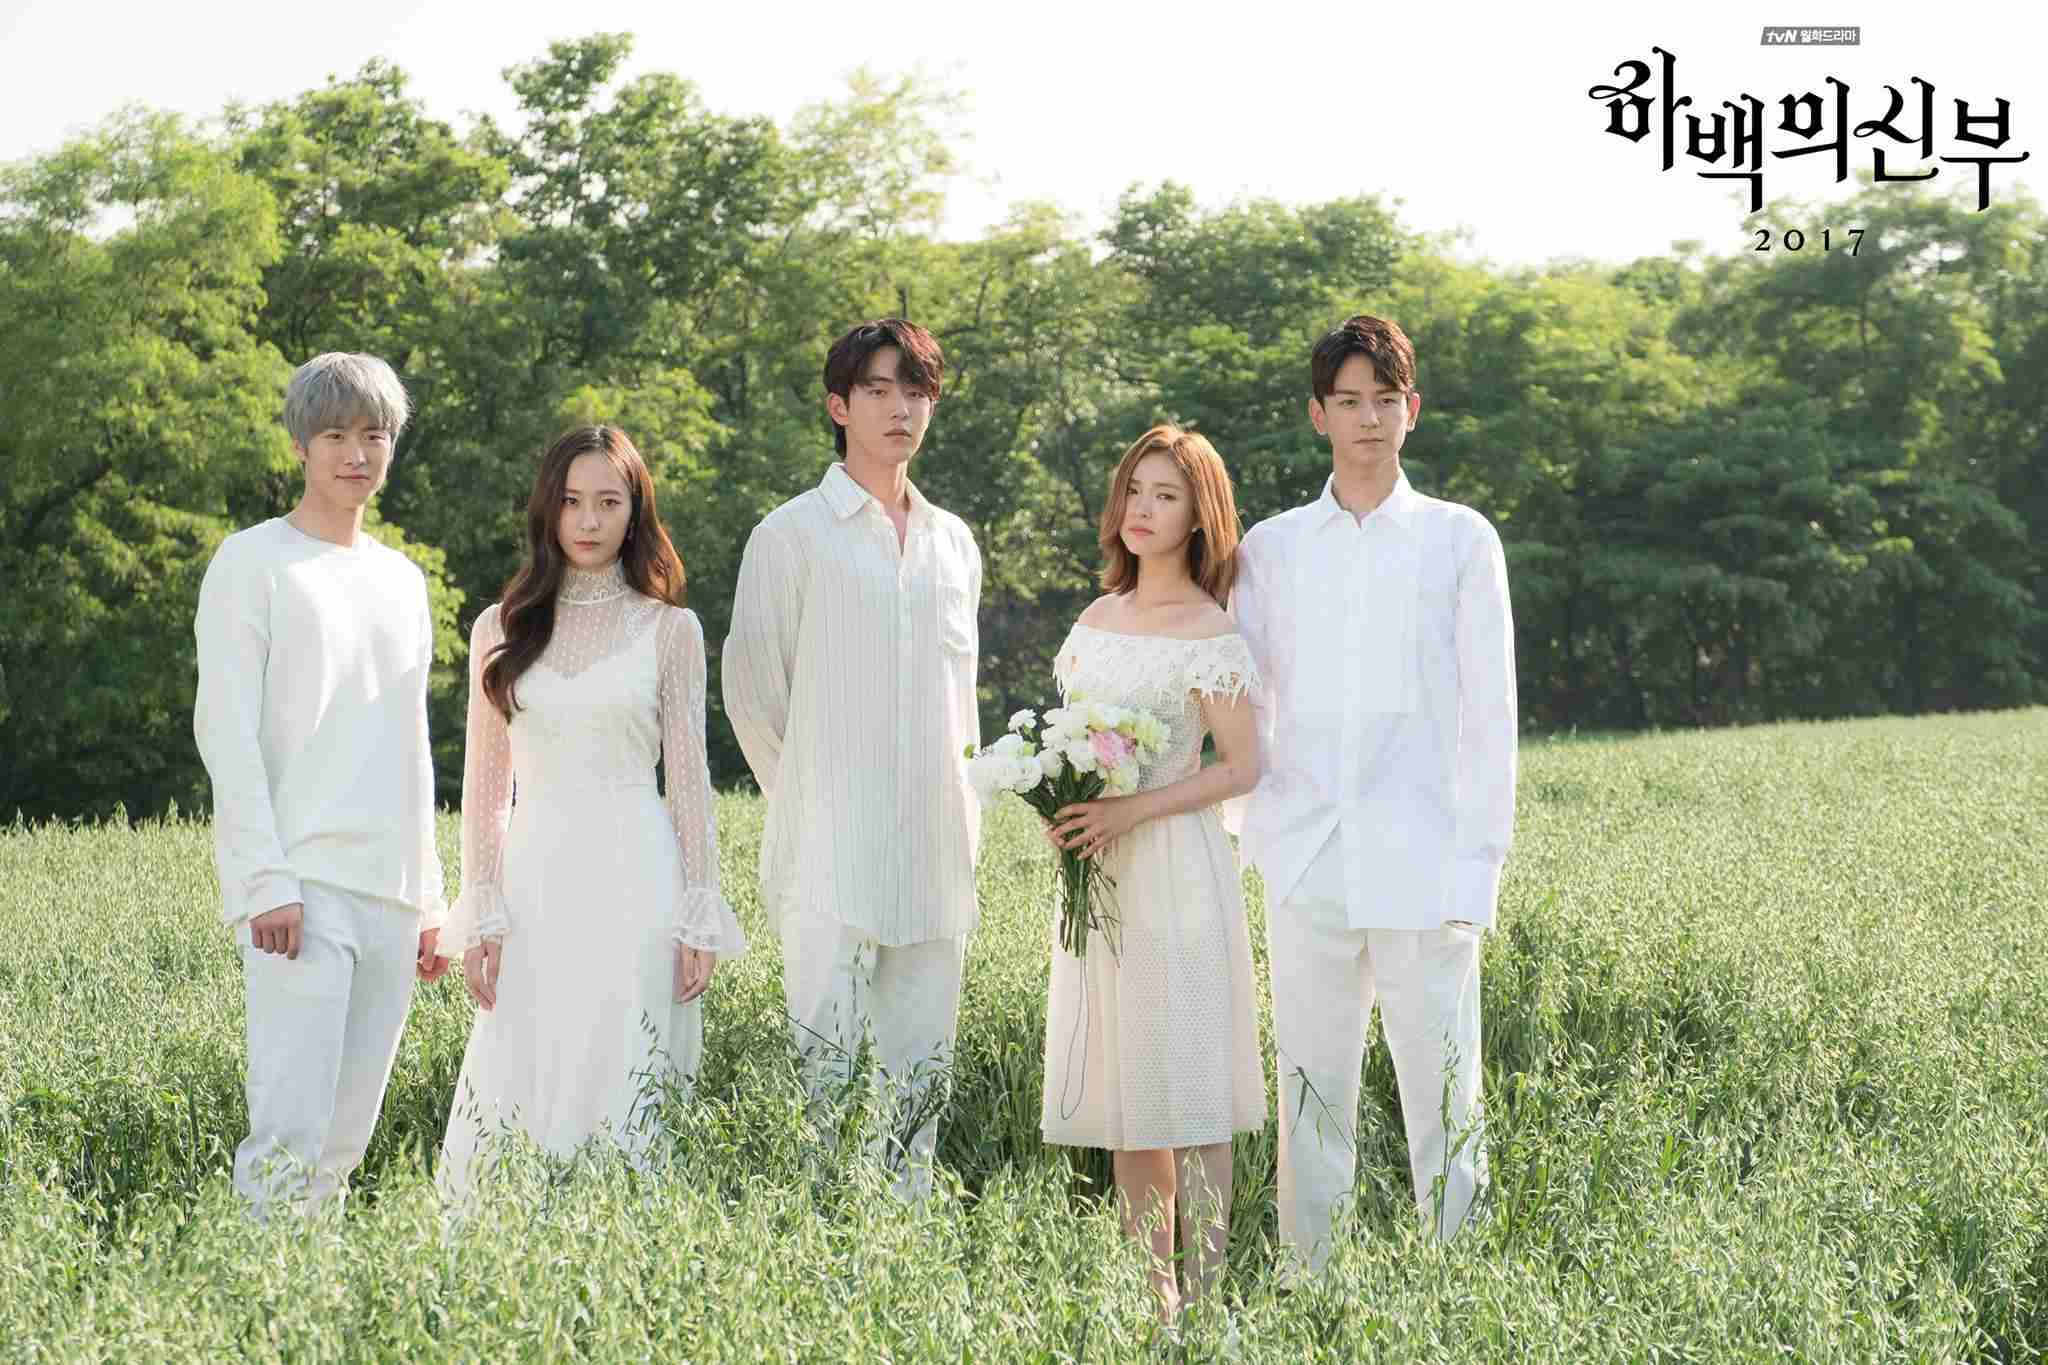 最近大家都有在收看tvN的新月火劇《河伯的新娘》嗎? 不管是男女主角或是配角群的都相當有個人魅力,讓人沒有辦法只對其中一人傾心啊~